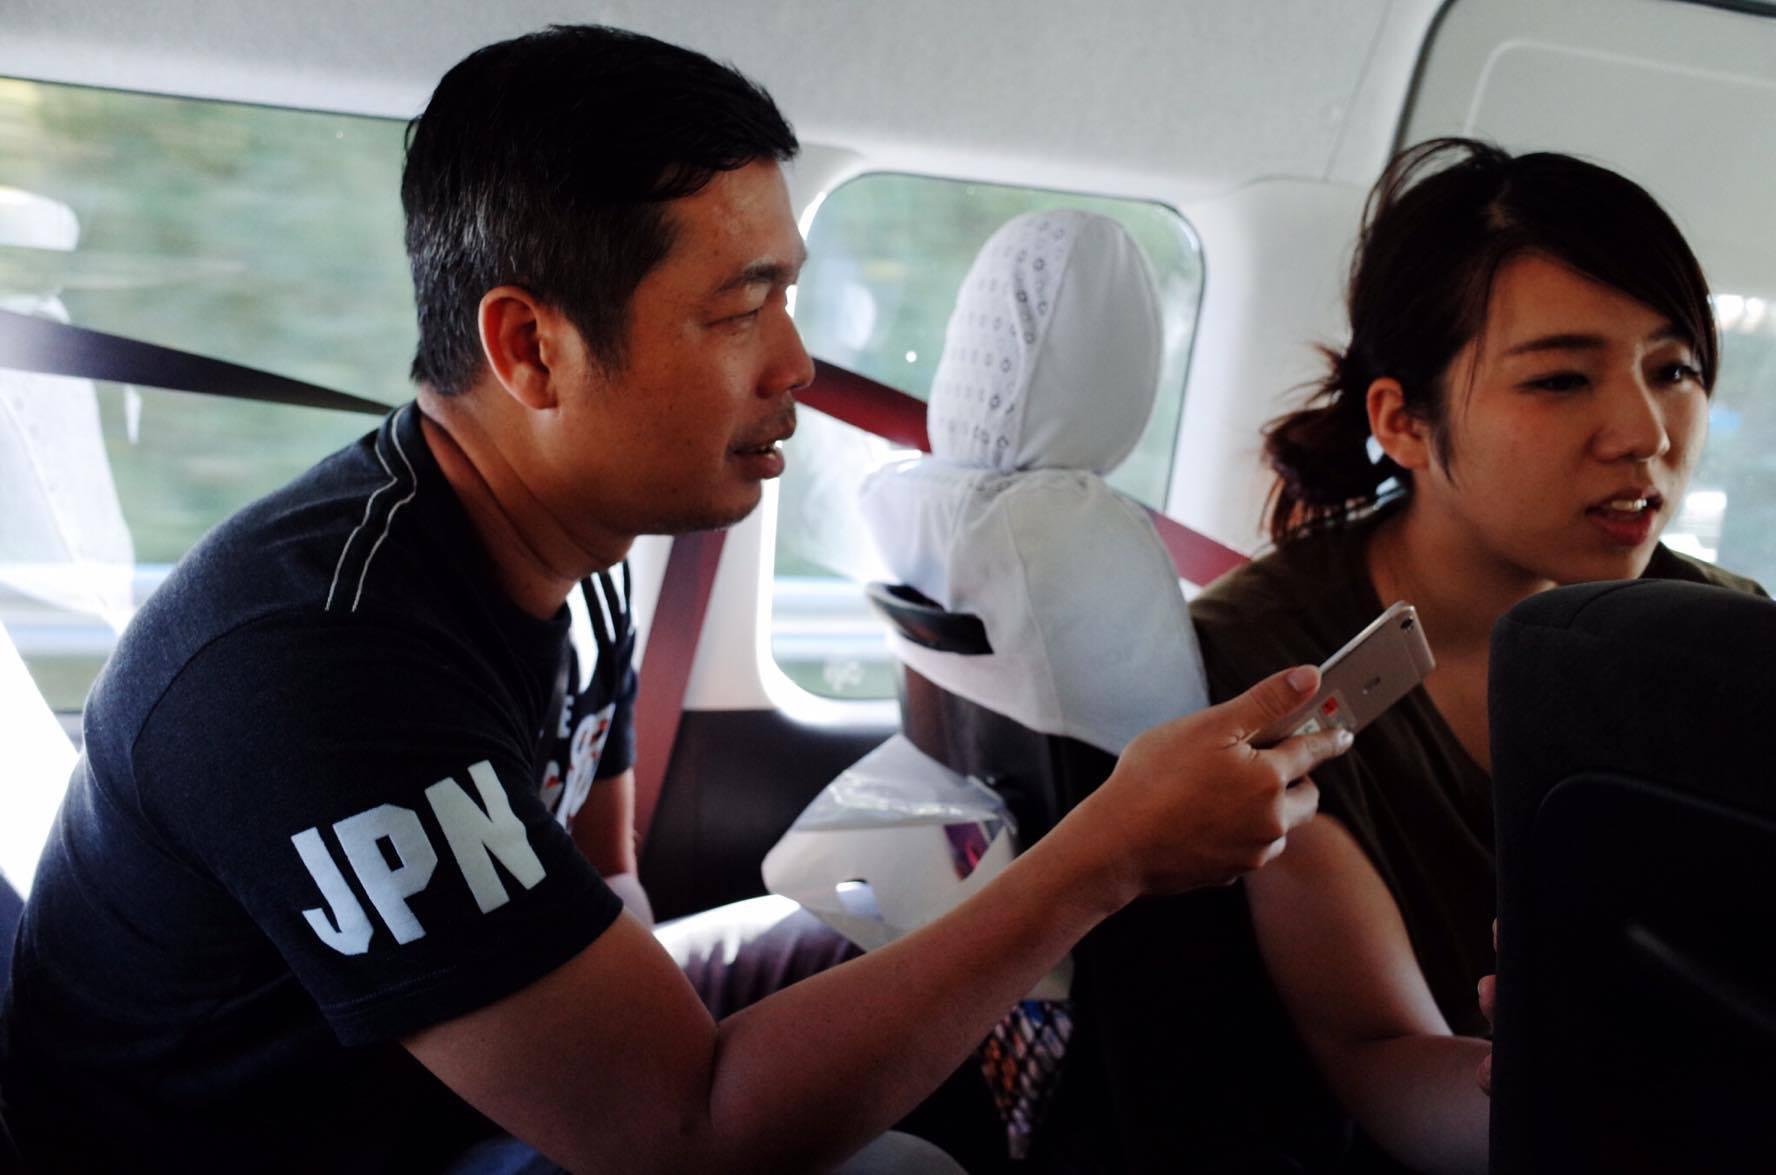 ウーさん(写真左)。帰りのバスではスマホも使いながらコミュニケーションしました。